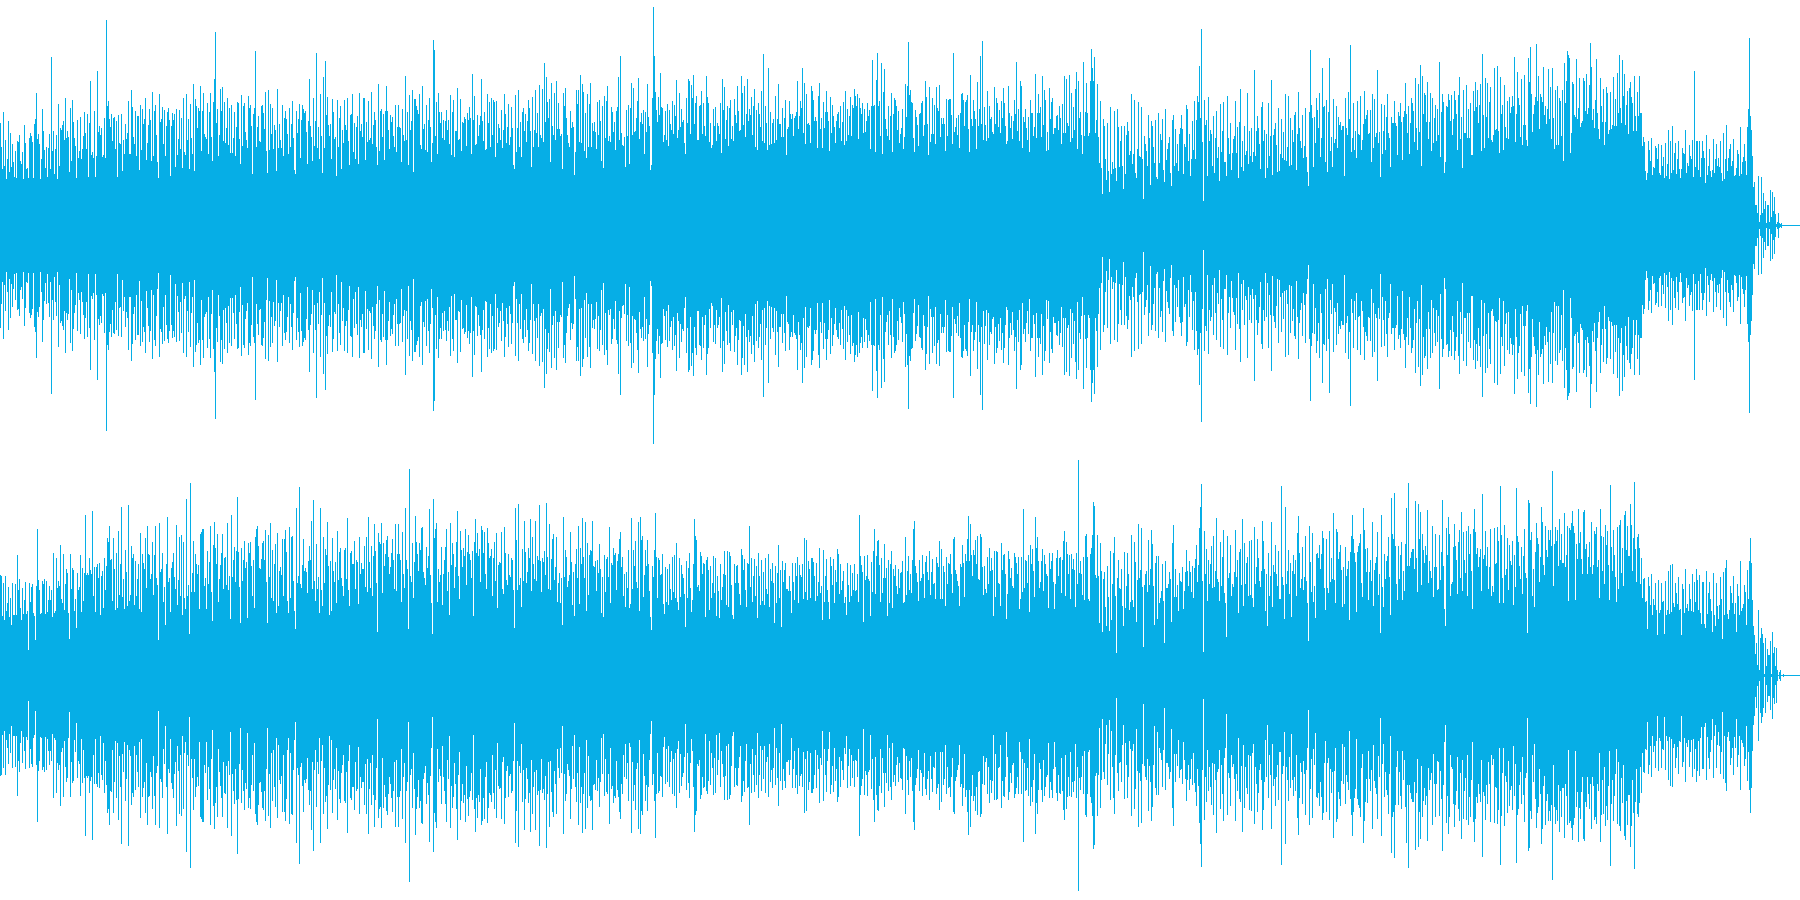 激しいテクノサウンドの再生済みの波形